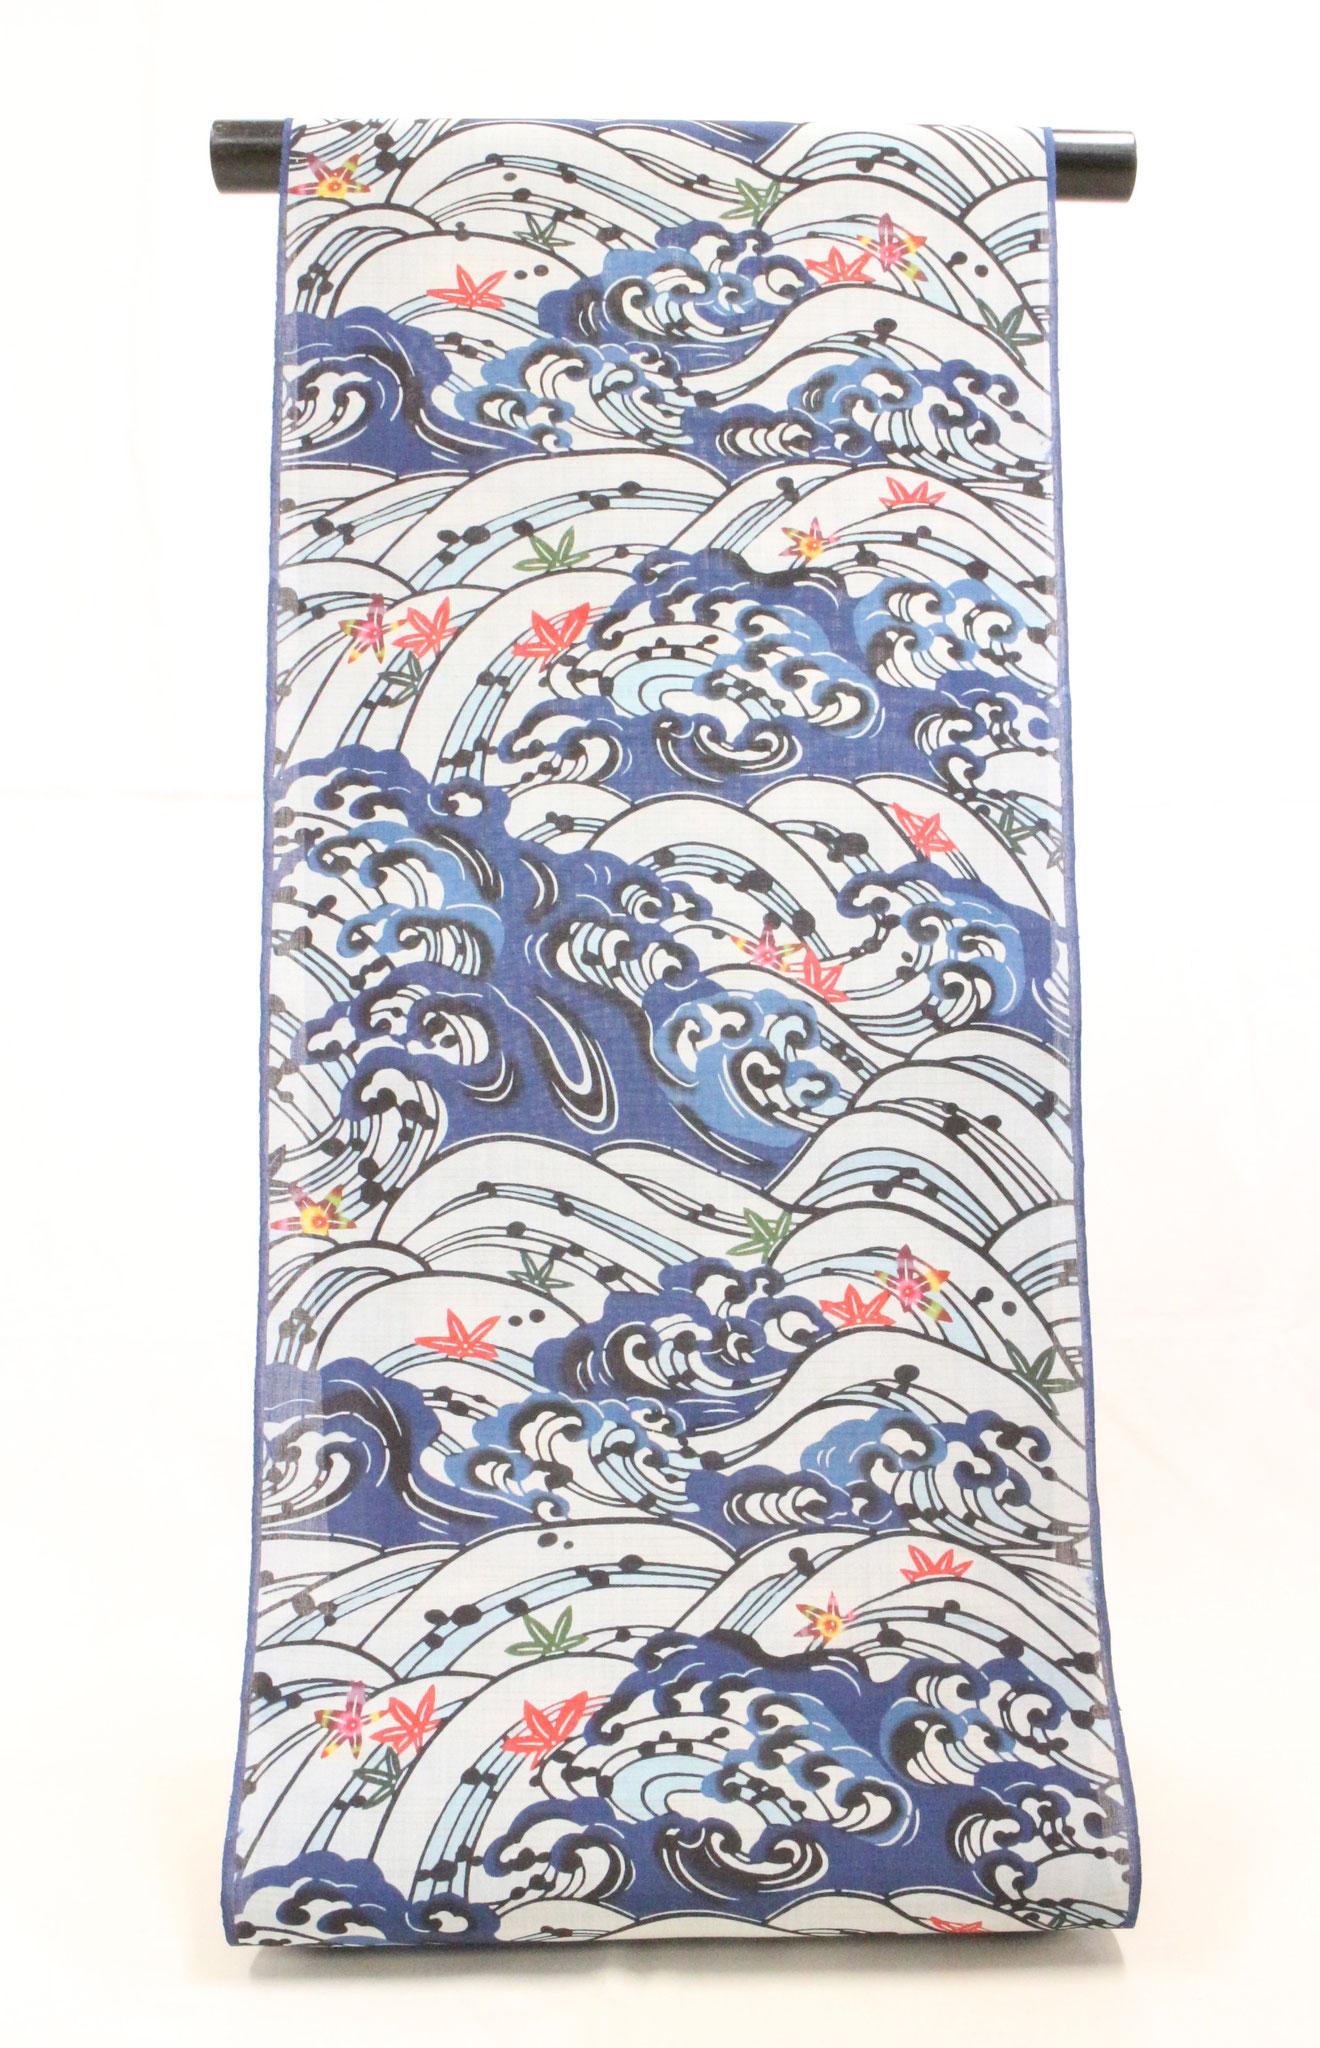 紅入り藍型古典柄 波に楓  小千谷麻